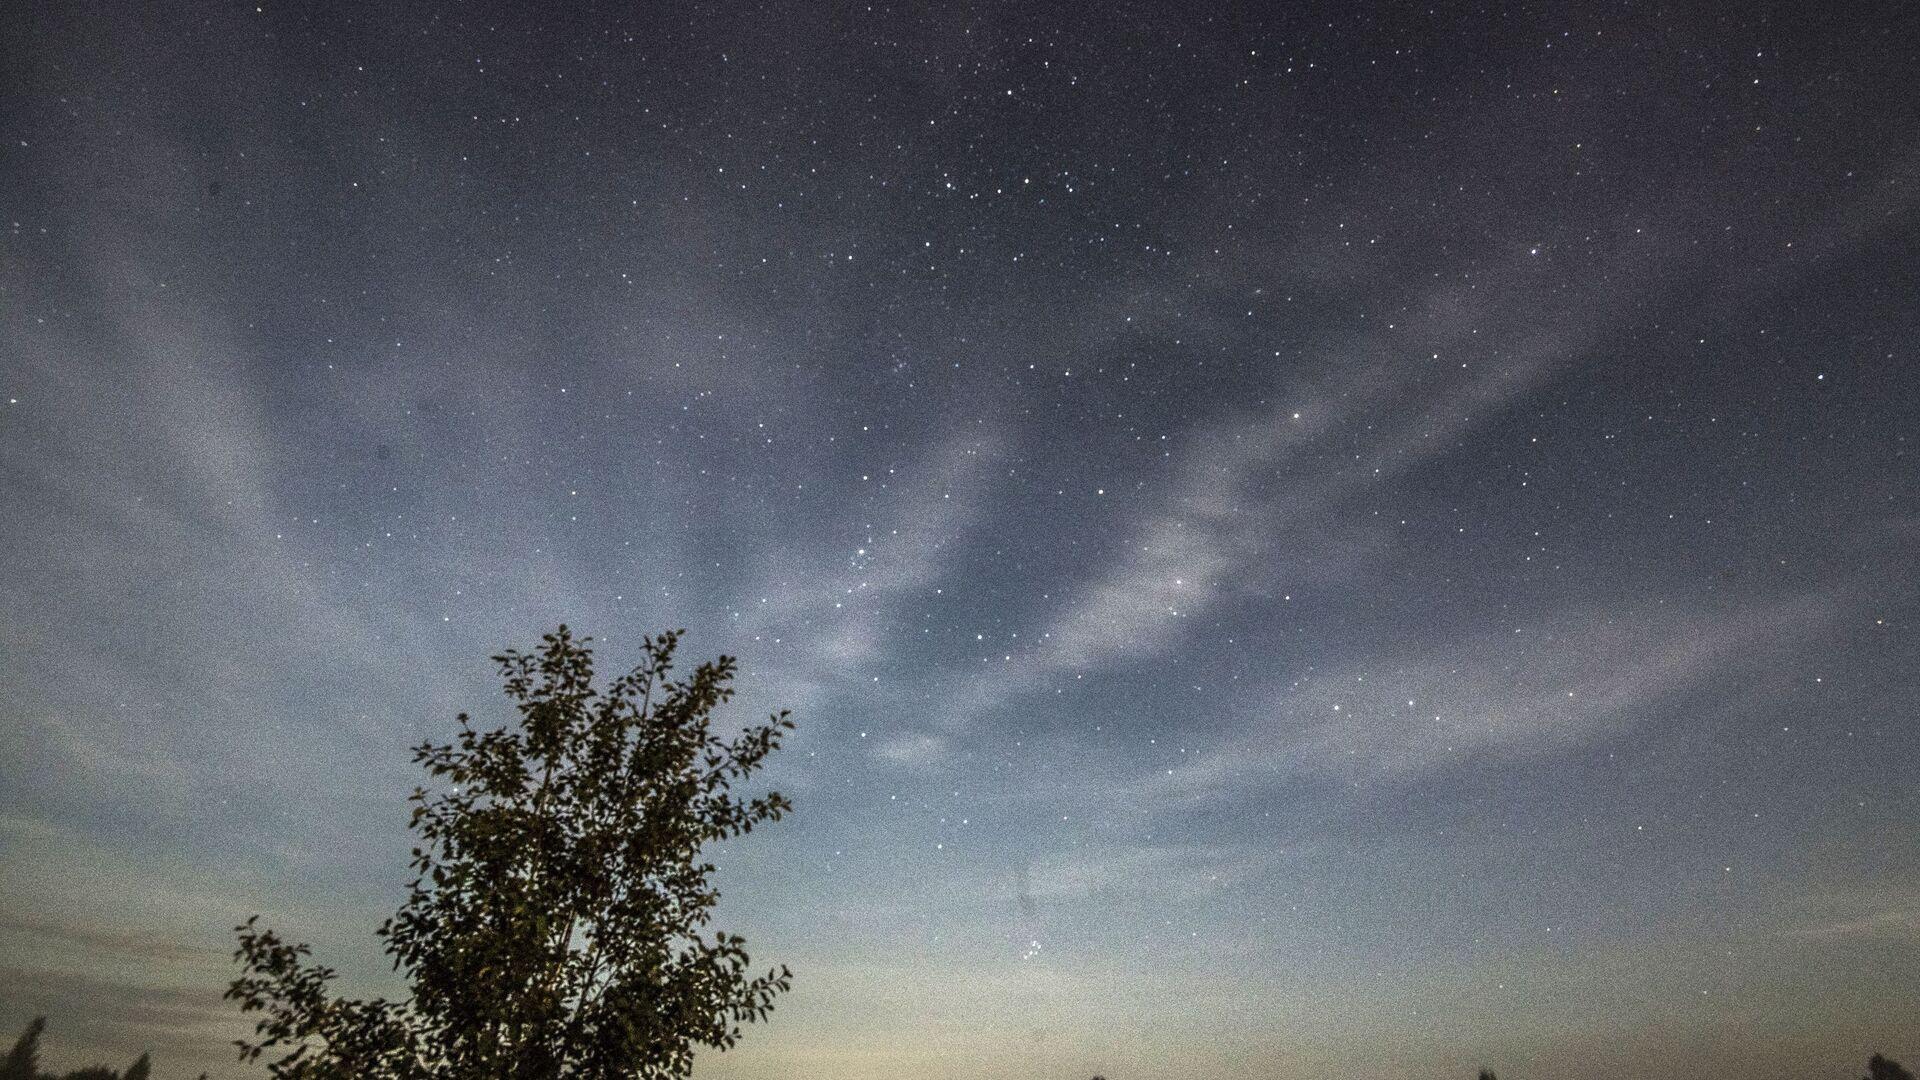 Метеорный поток Персеиды. Звездное небо - Sputnik Грузия, 1920, 07.10.2021